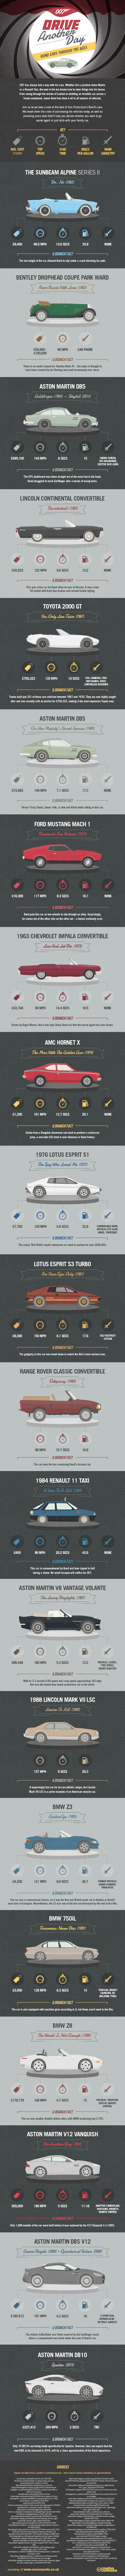 Motorparks - Bond Cars